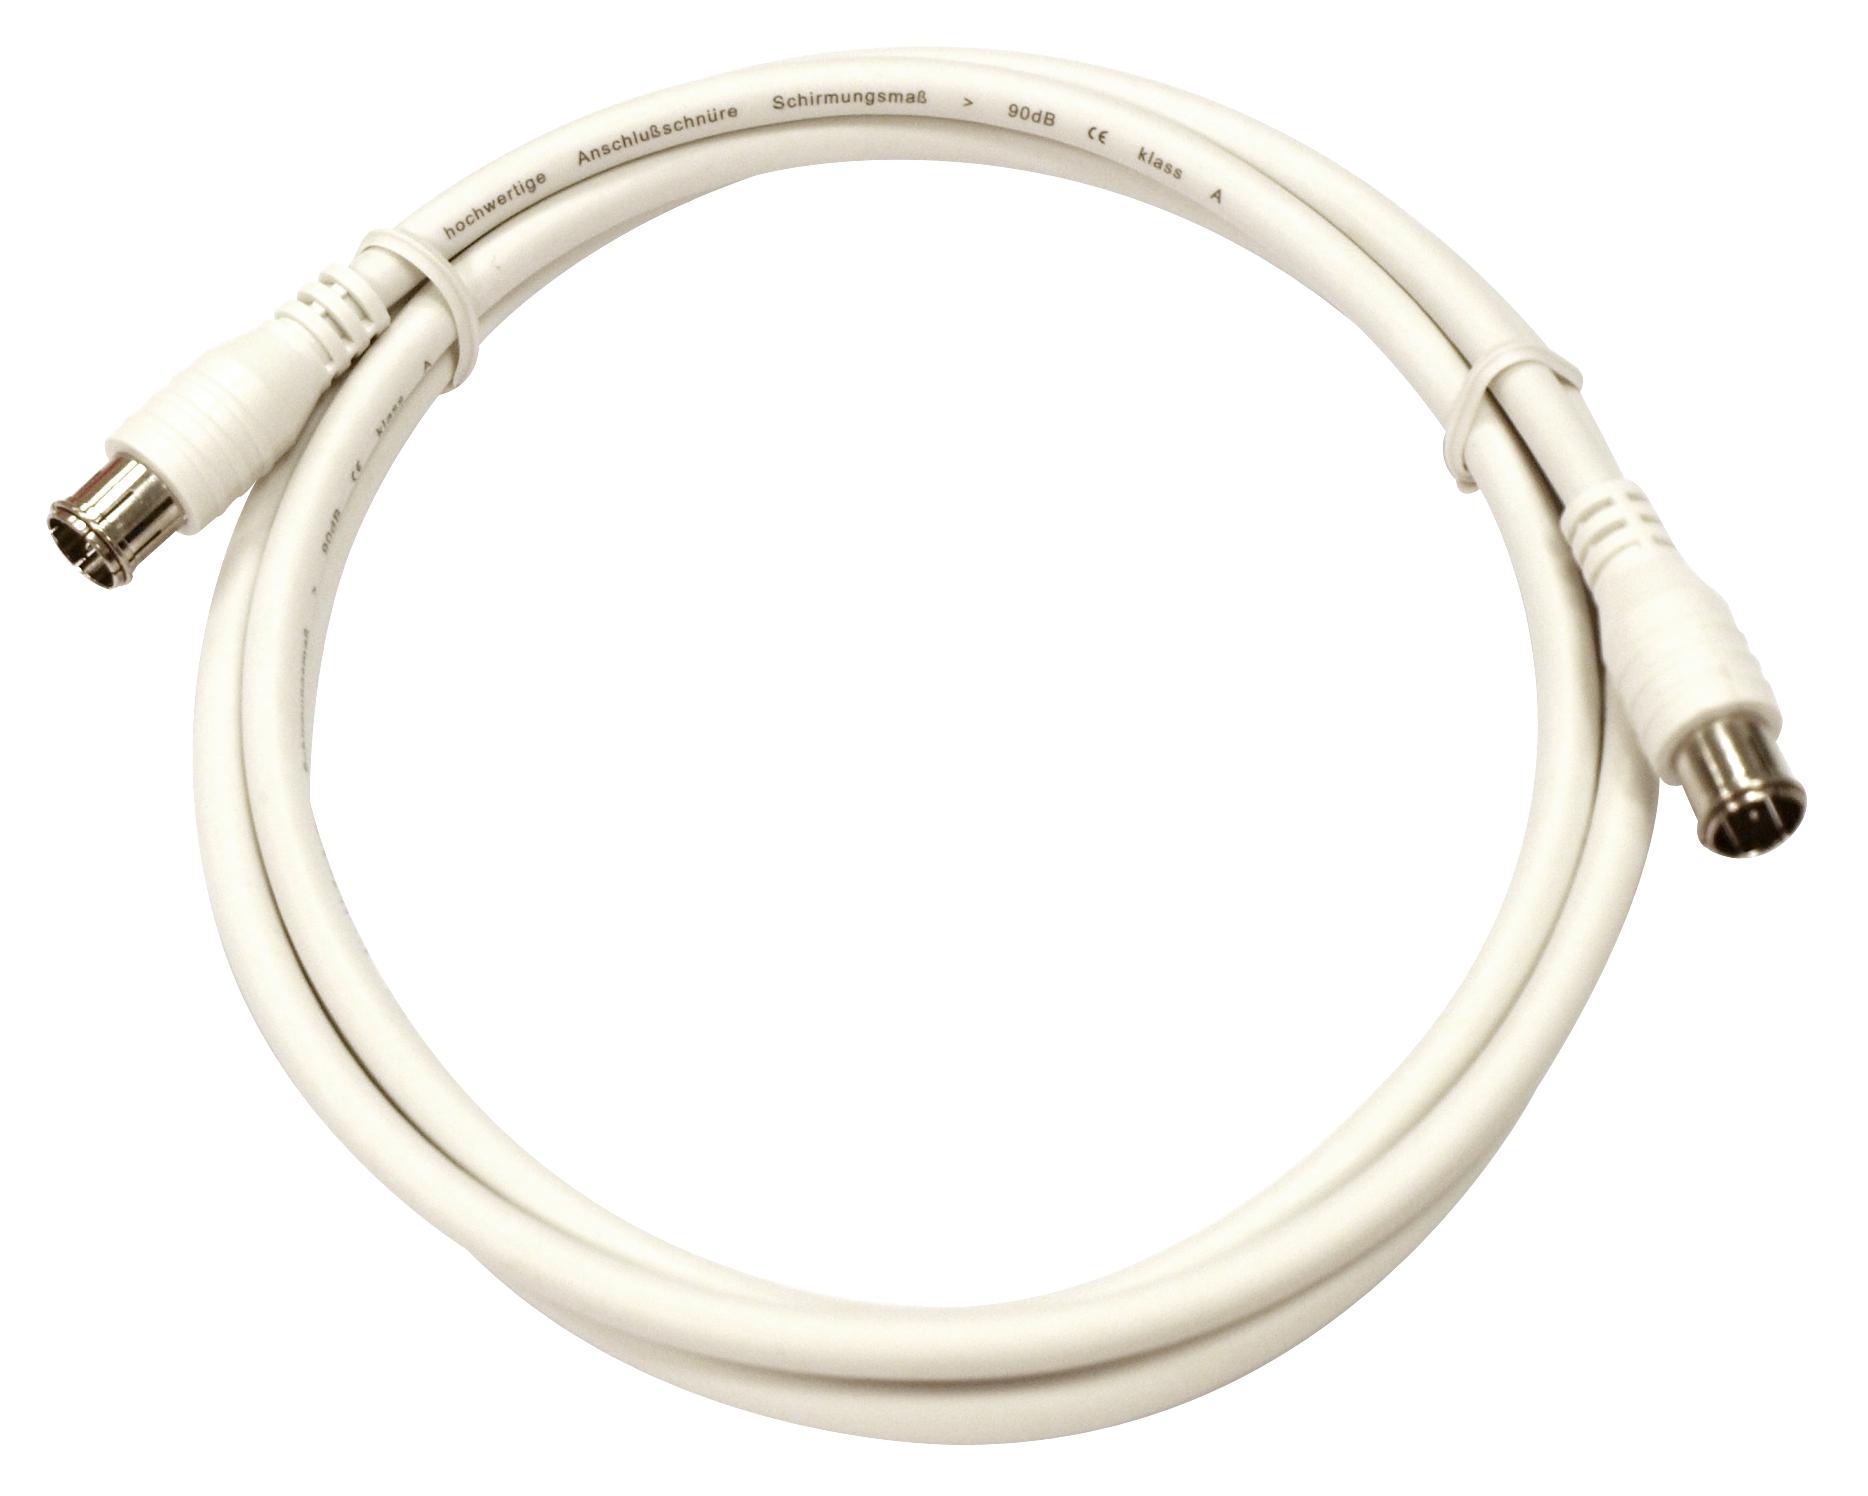 1 Stk Koax Patchkabel, 2xF-Quick gerade, >90dB, ClassA, weiß, 5,0m HS4HC05K0-